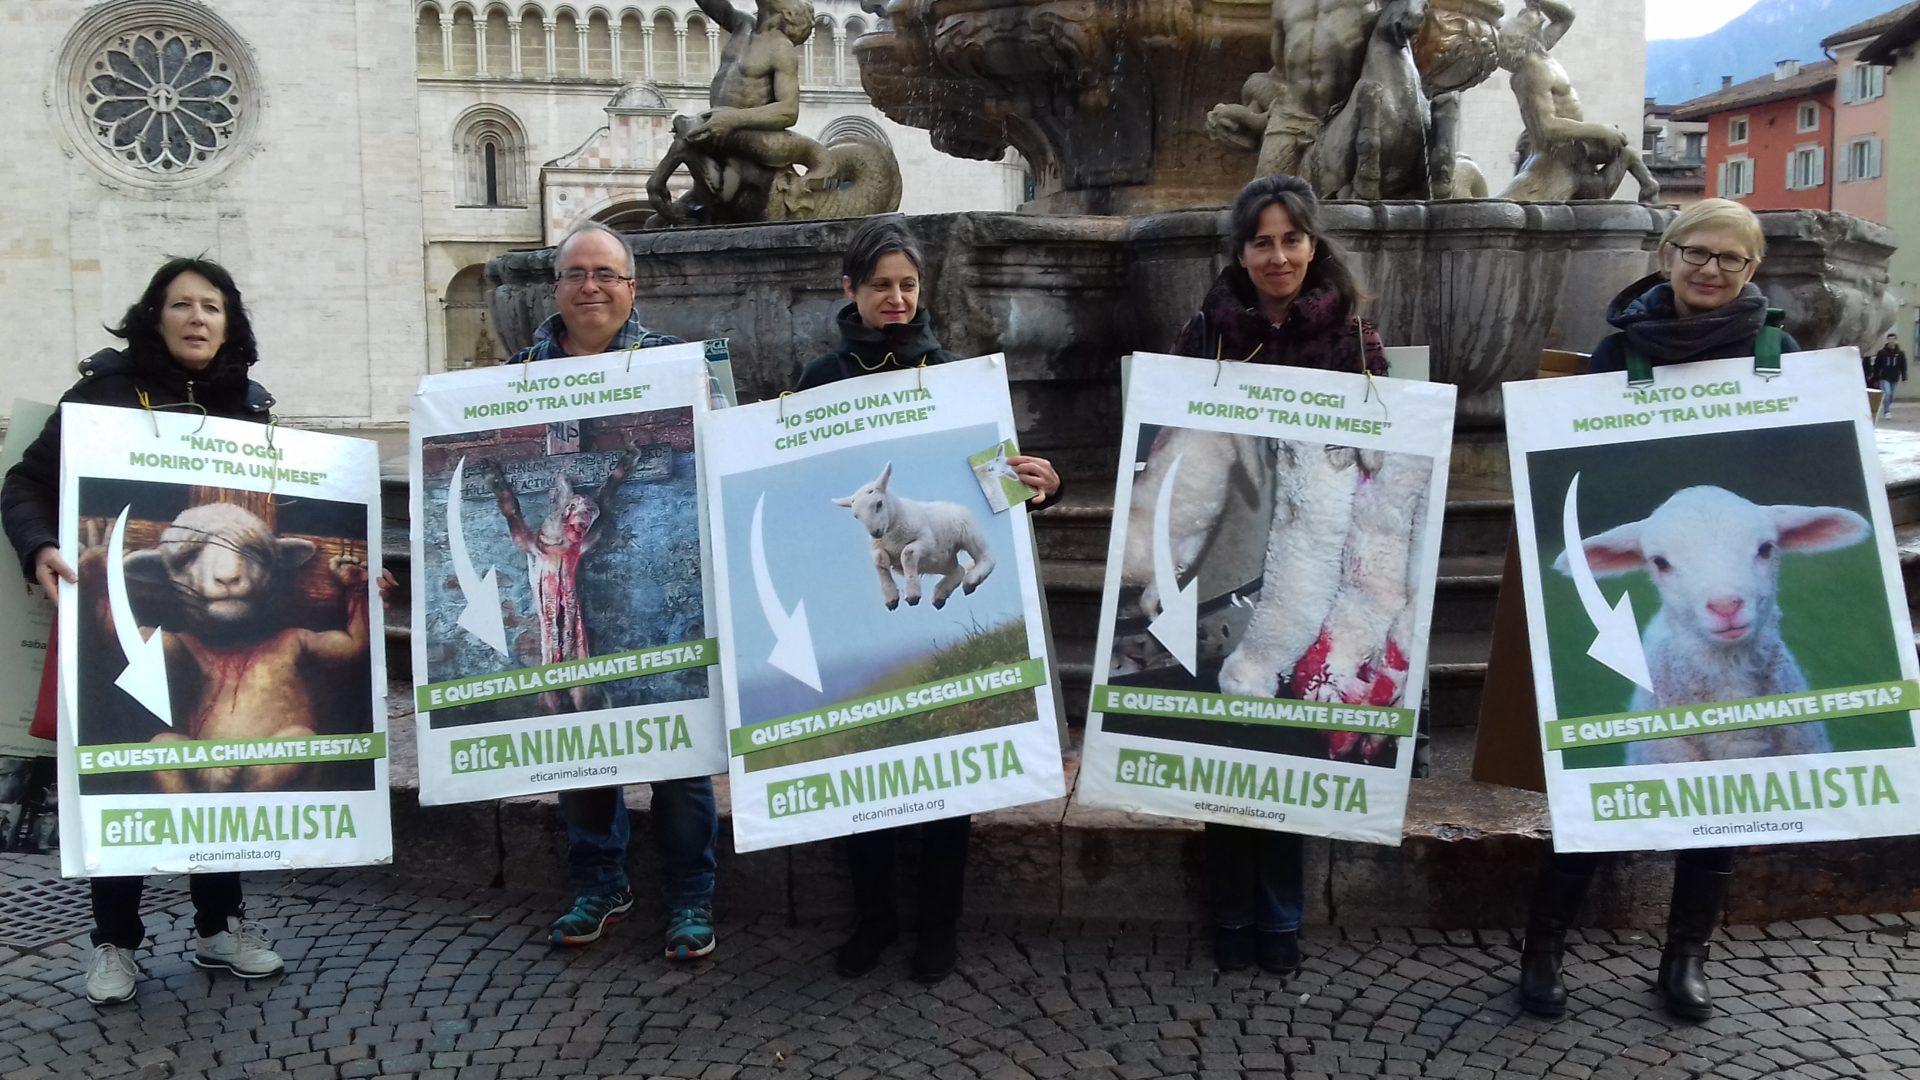 """20180330 172231 - """"A PASQUA NON UCCIDO"""" Manifestazione di protesta contro la strage pasquale di agnelli e capretti - 2018-"""